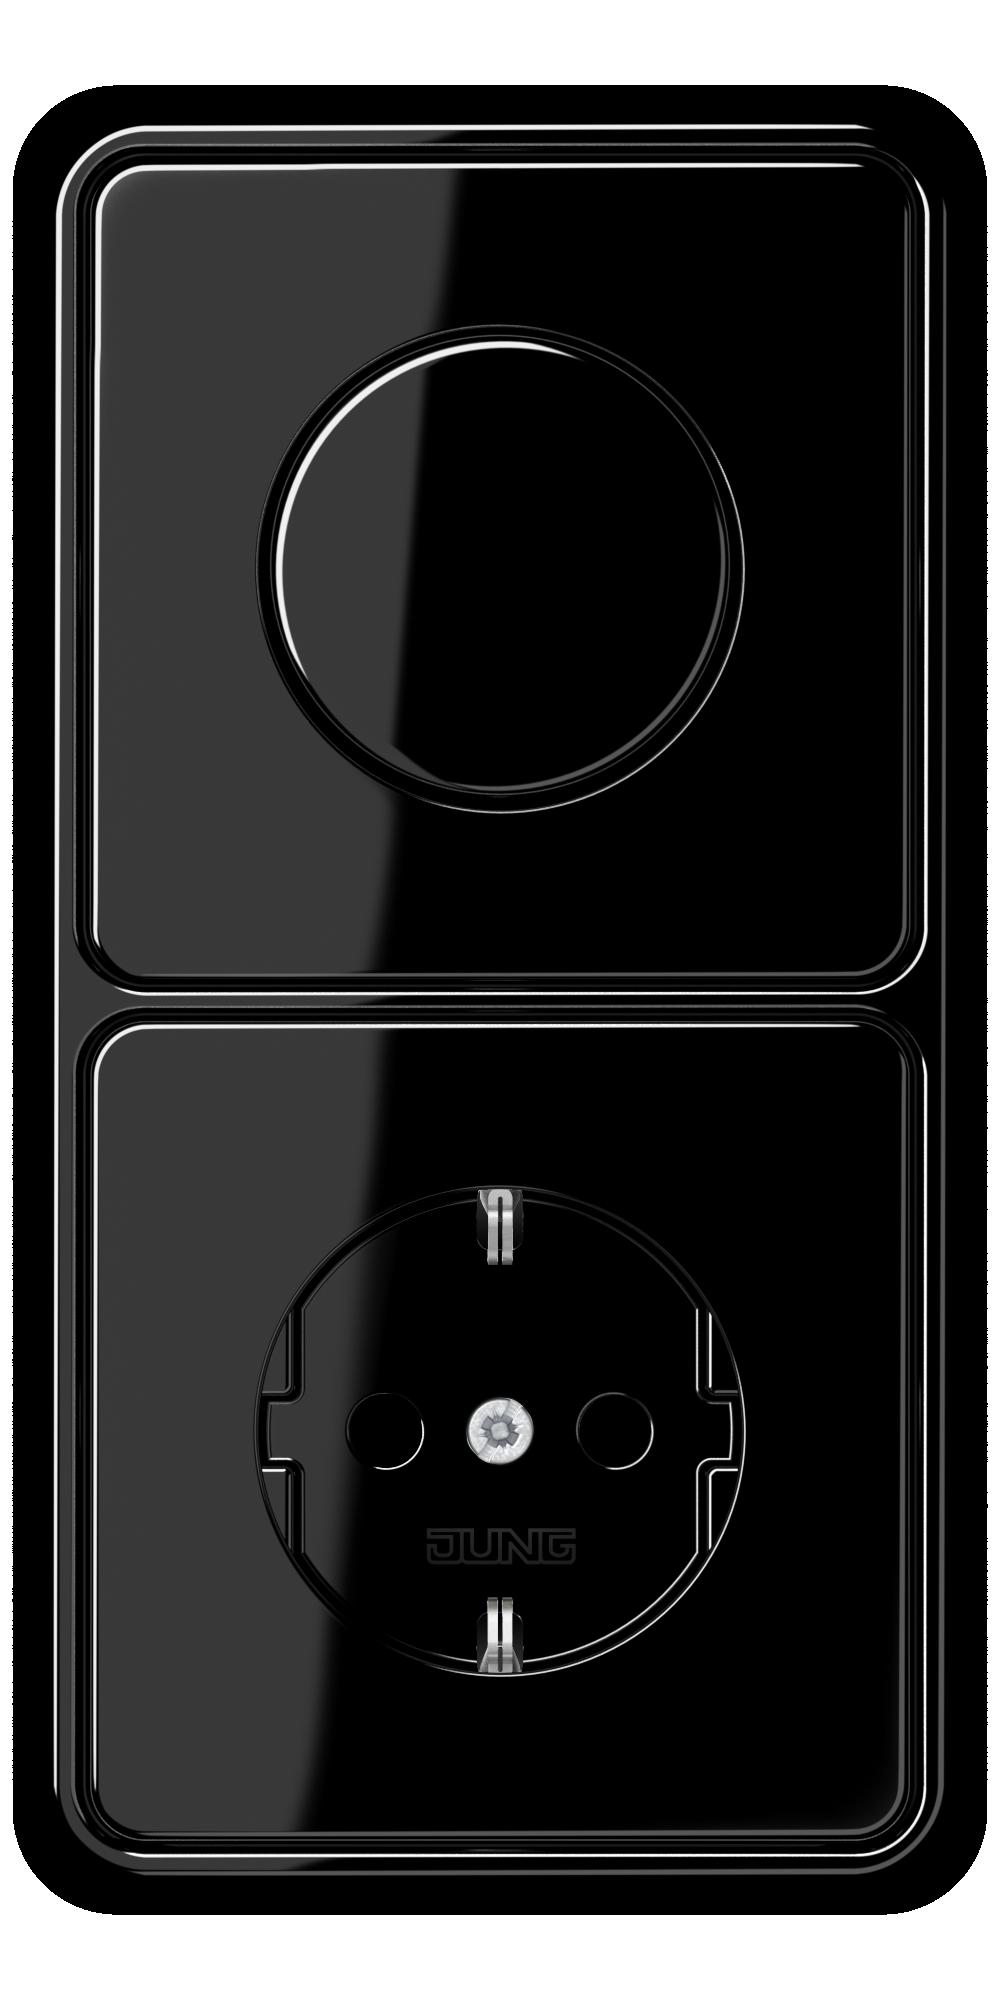 JUNG_CD500_black_dimmer-socket